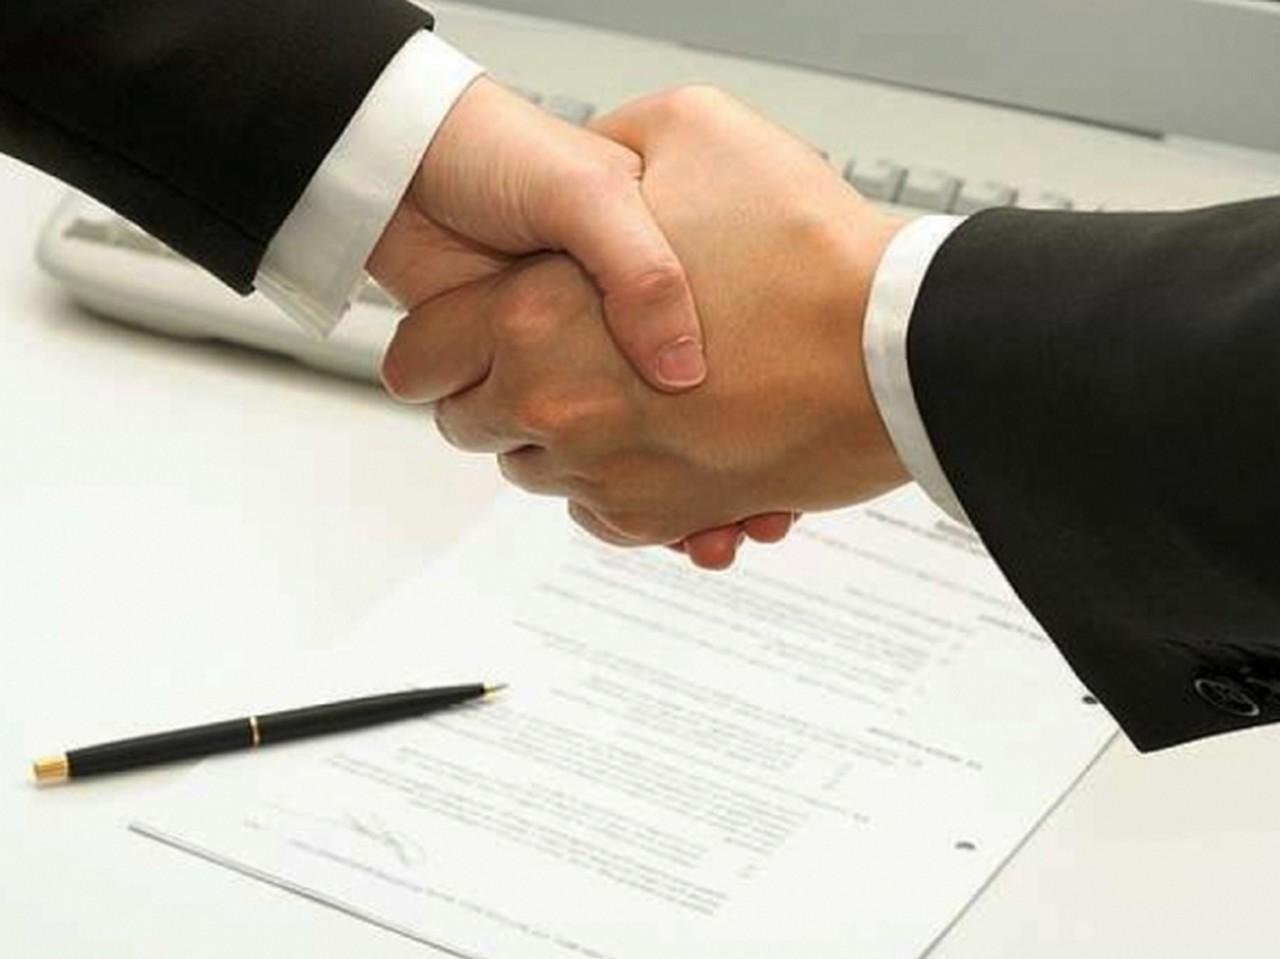 Сьогодні в Ужгороді підпишуть Партнерську угоду між Обласною клінічною лікарнею № 1 ім.Фредеріка Шопена в м. Жешув, Обласним клінічним територіально-медичним об'єднанням Фтизіатрія та департаментом охорони здоров'я